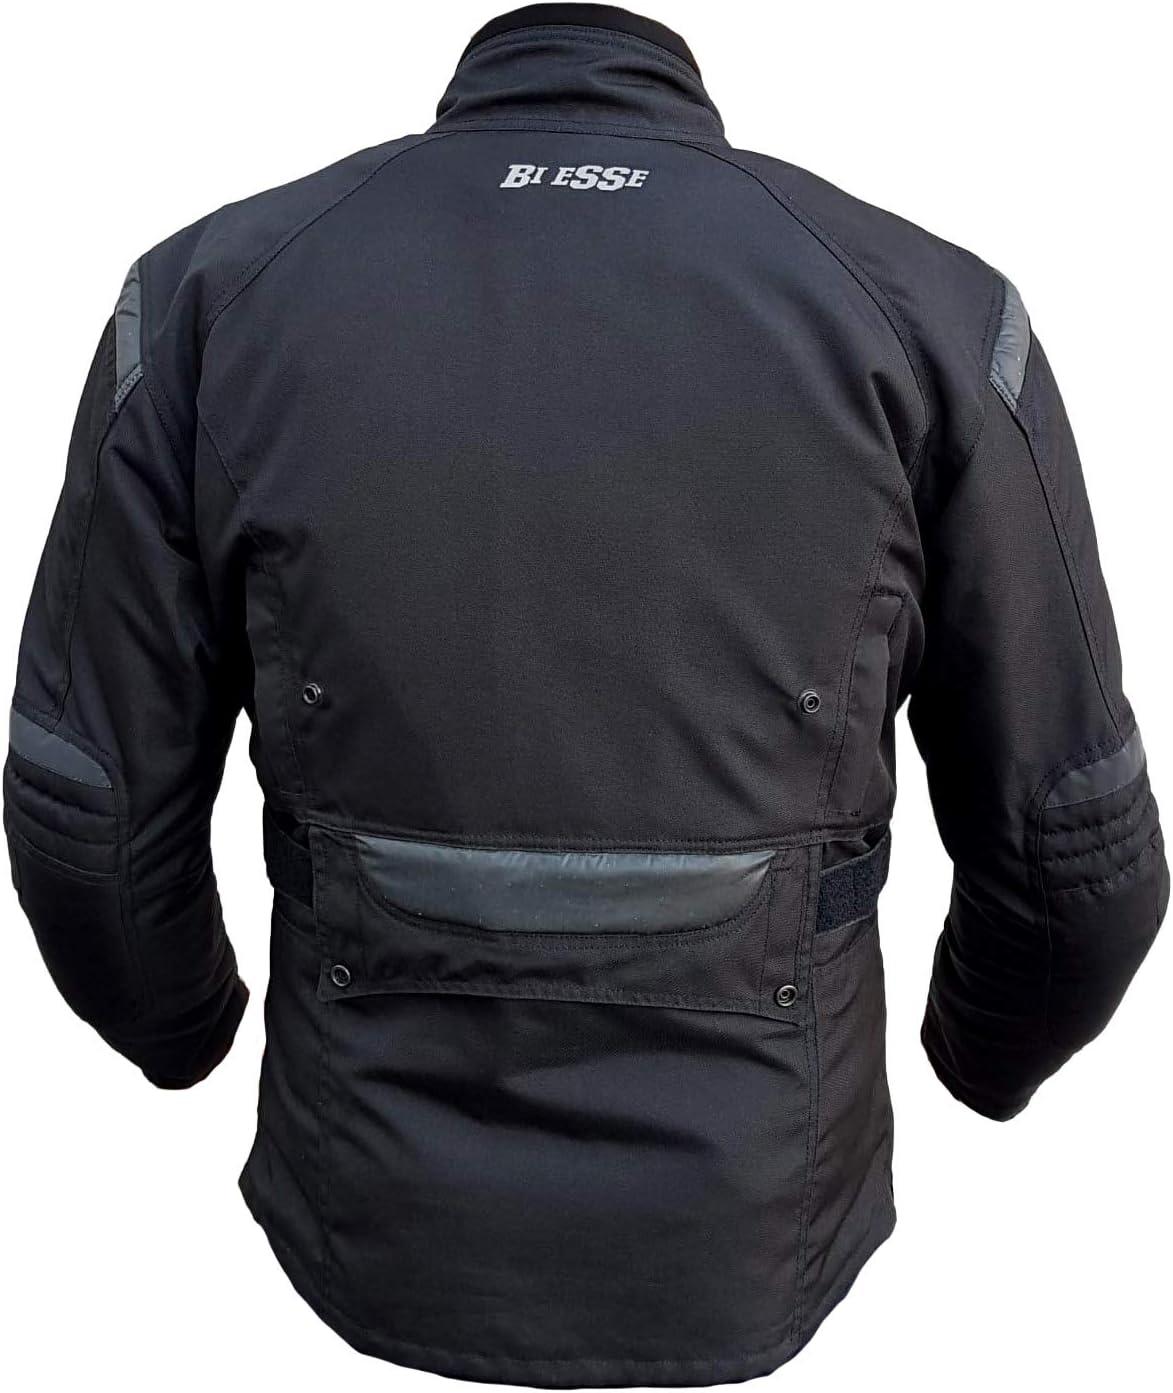 BIESSE Nero, XL Fodera termica rimovibile Giacca giubbotto da moto in cordura Uomo Protezioni CE Tessuto impermeabile